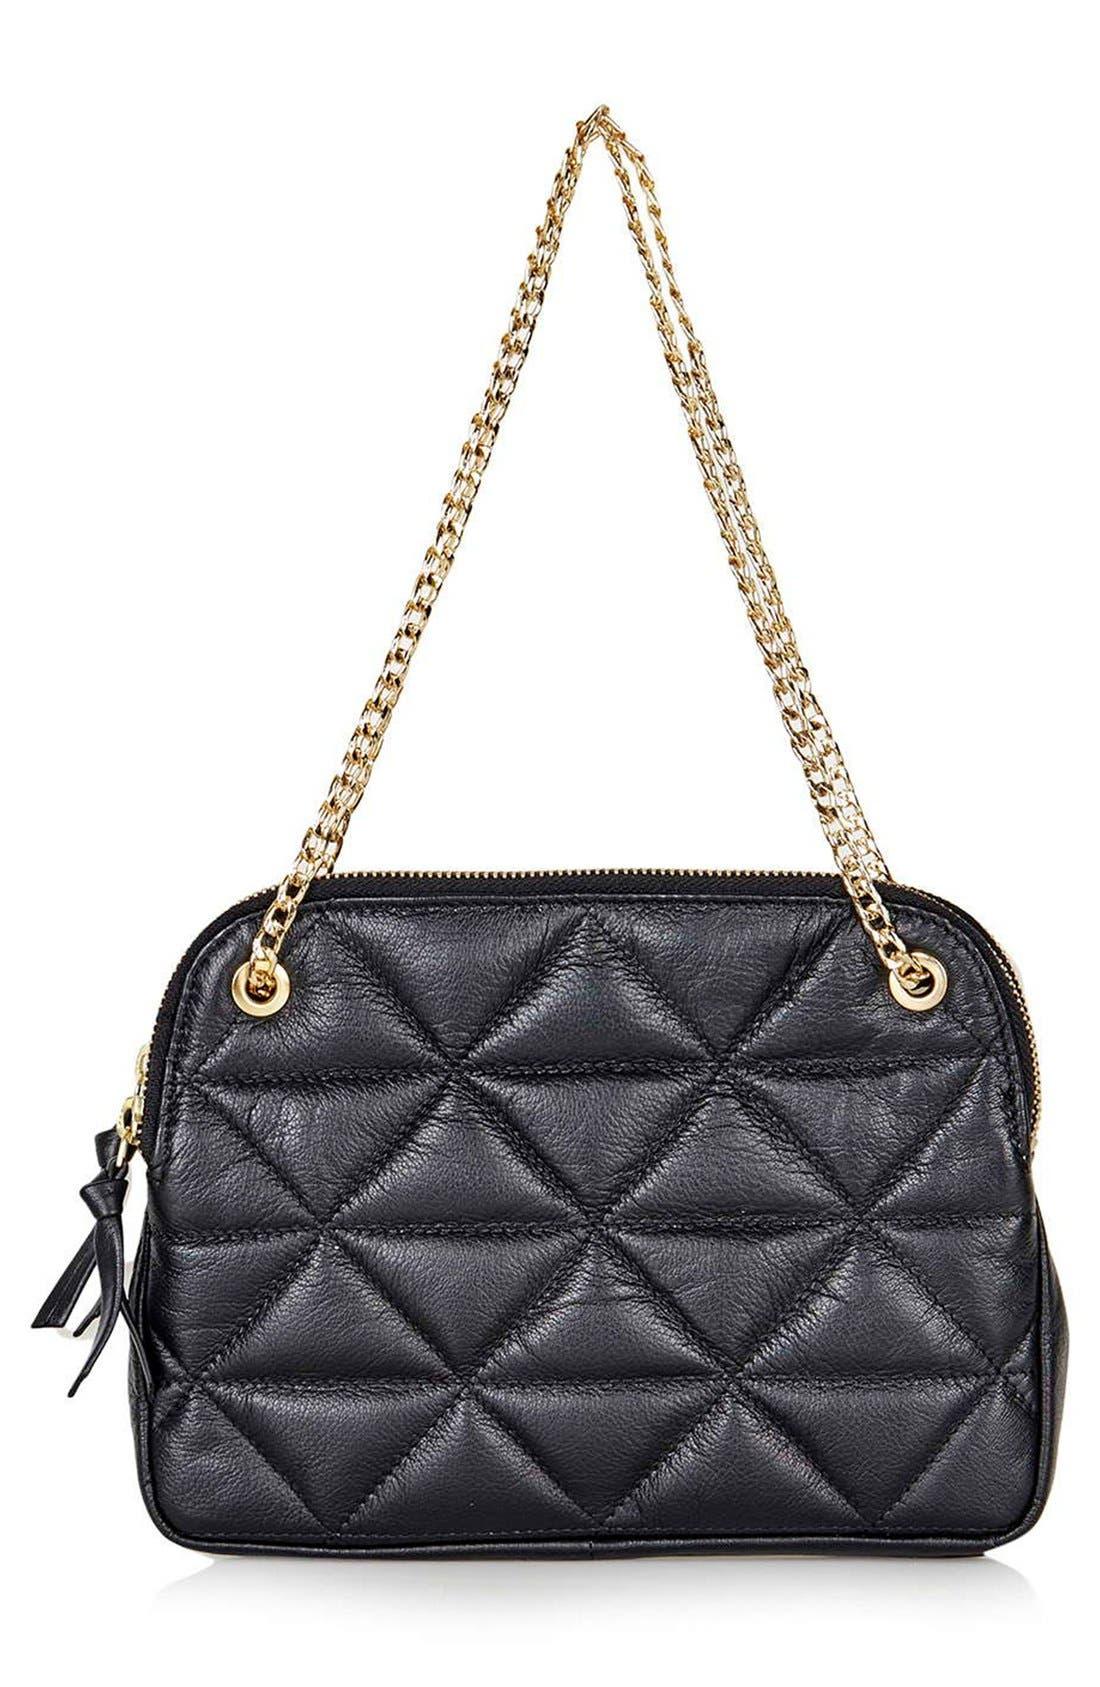 TOPSHOP Quilted Leather Shoulder Bag, Main, color, 001